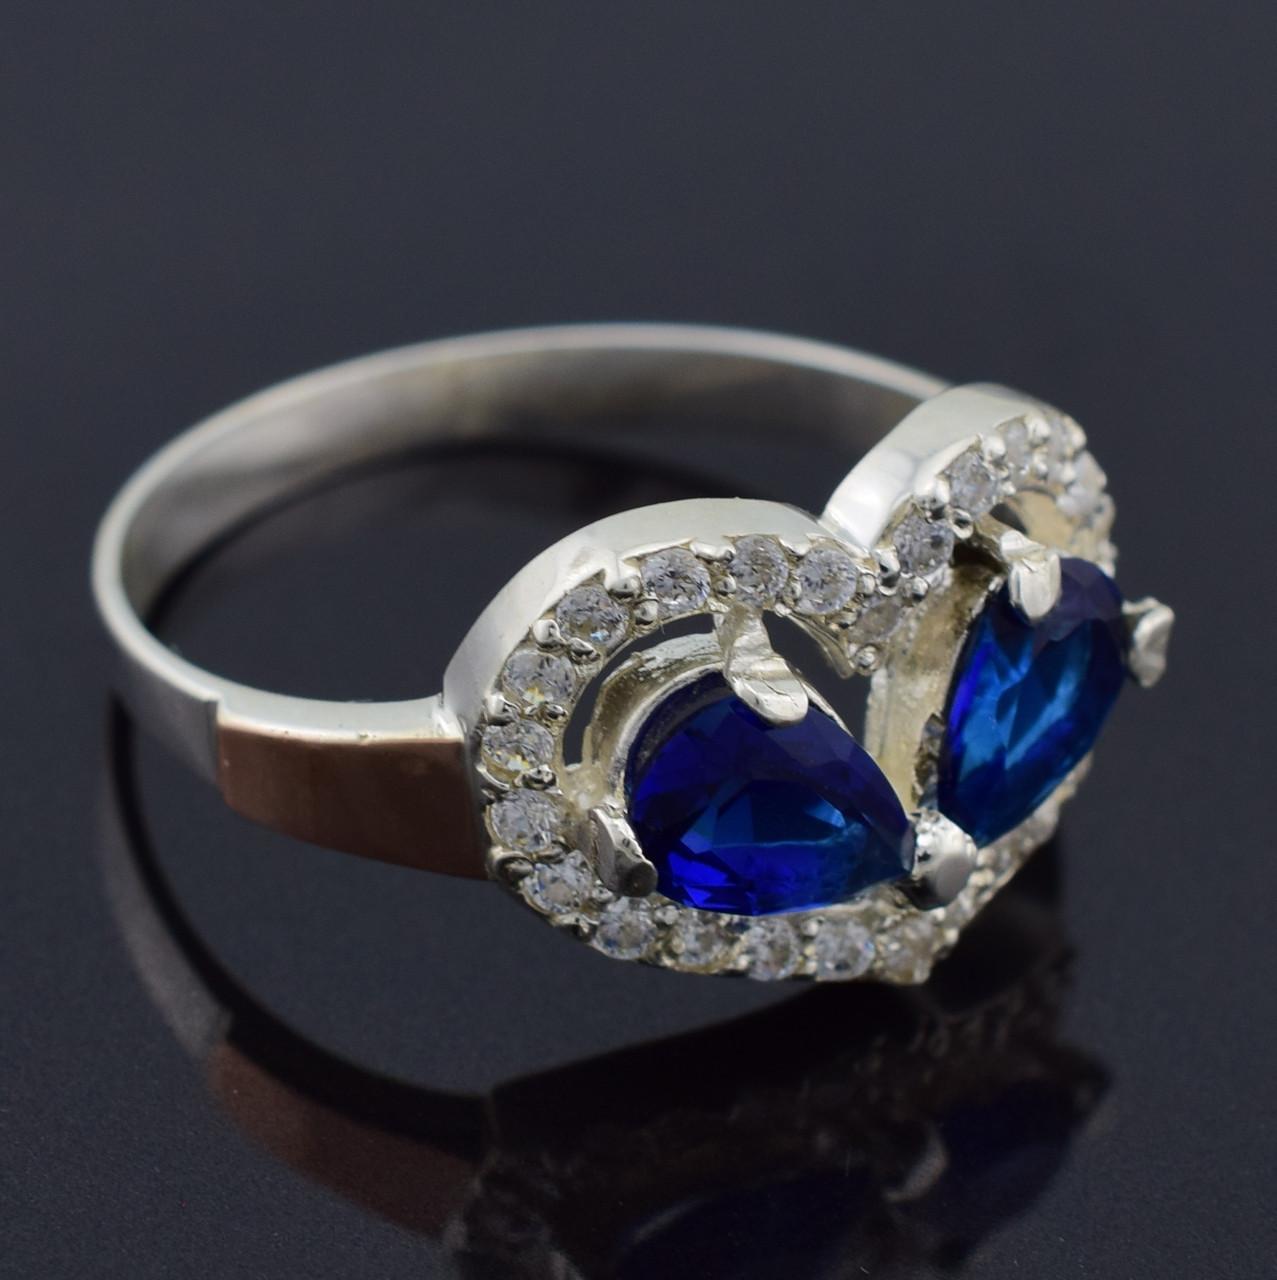 """Серебряное кольцо """"Любовь"""", синие фианиты, вес 3.9 г, размер 19"""